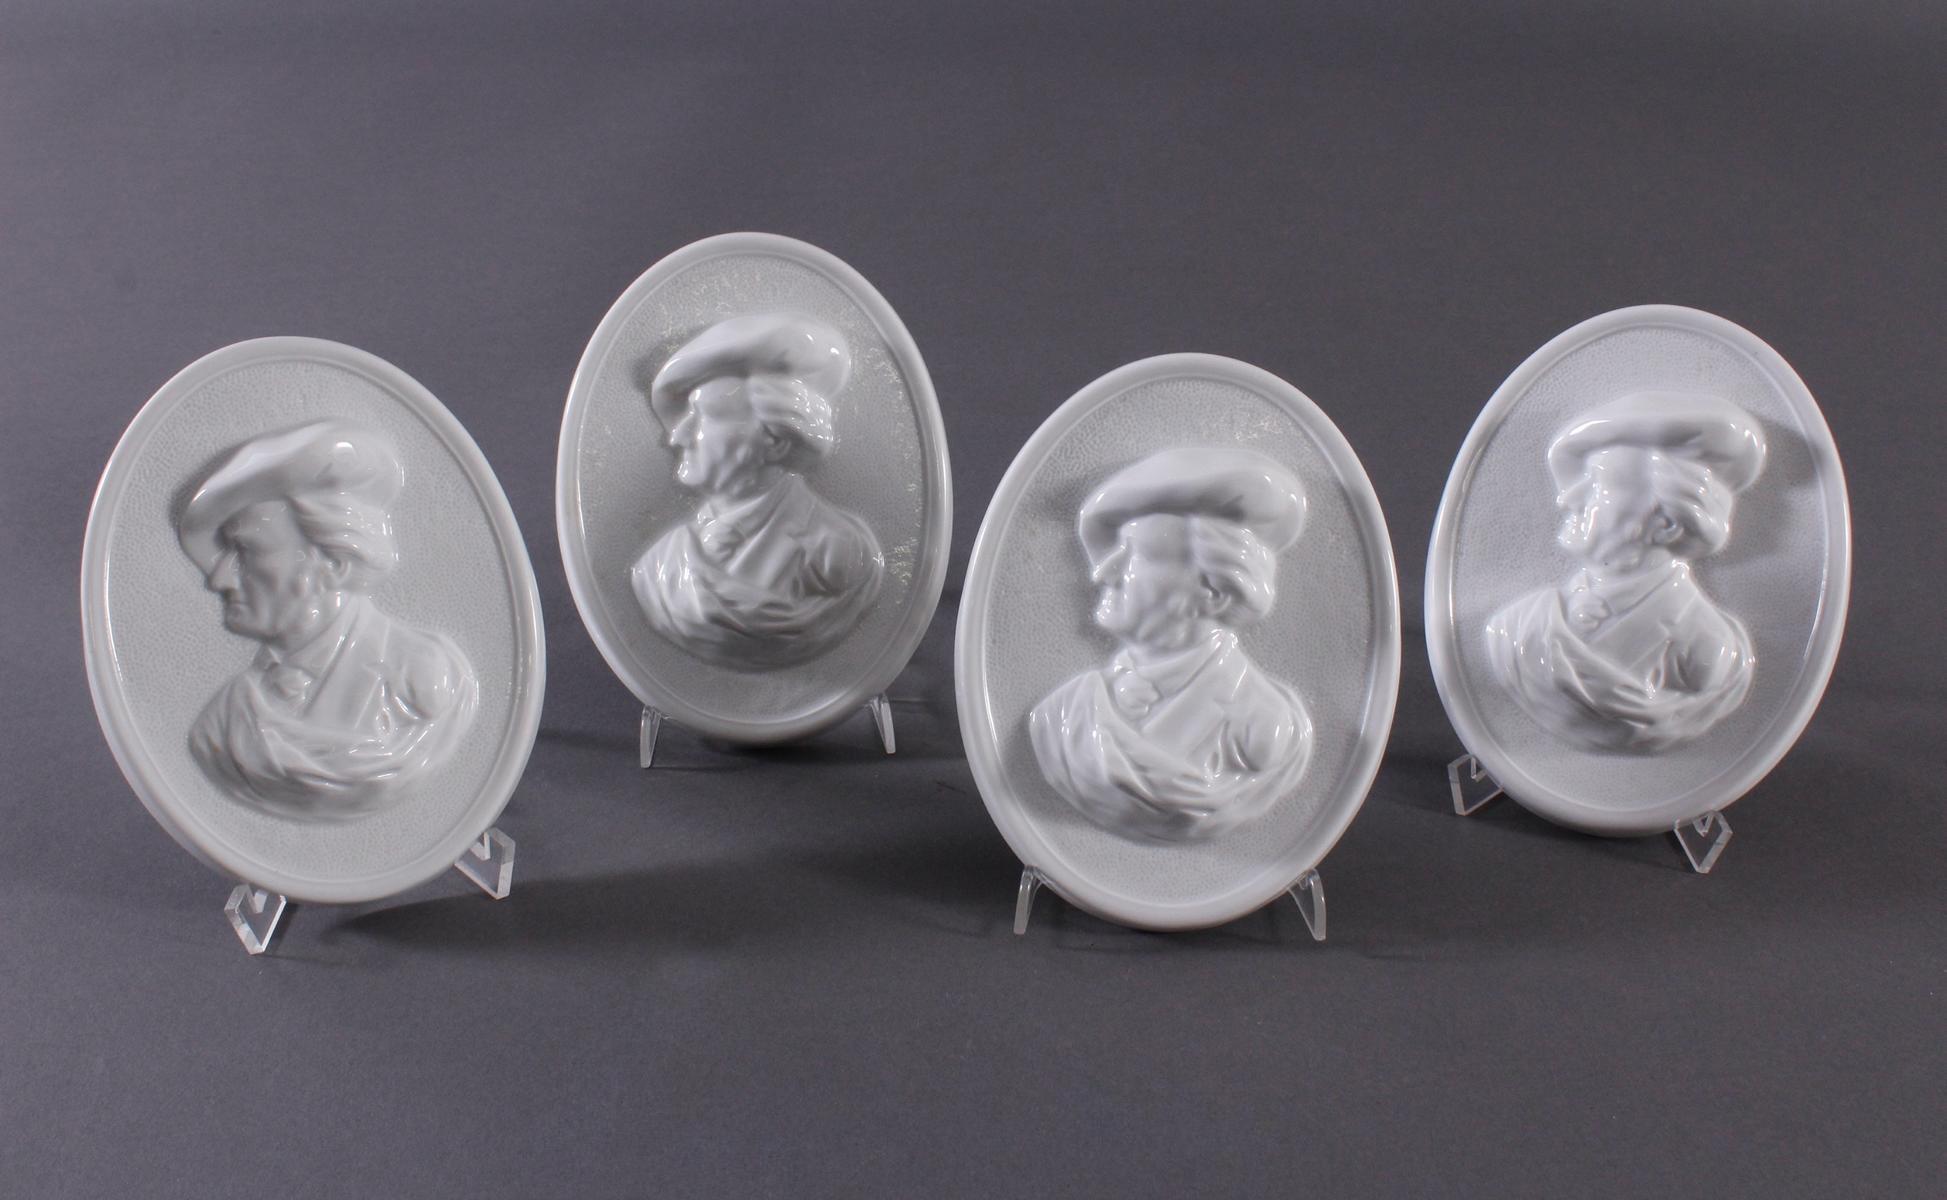 4 Porzellanplaketten 'Wagner', Höchst